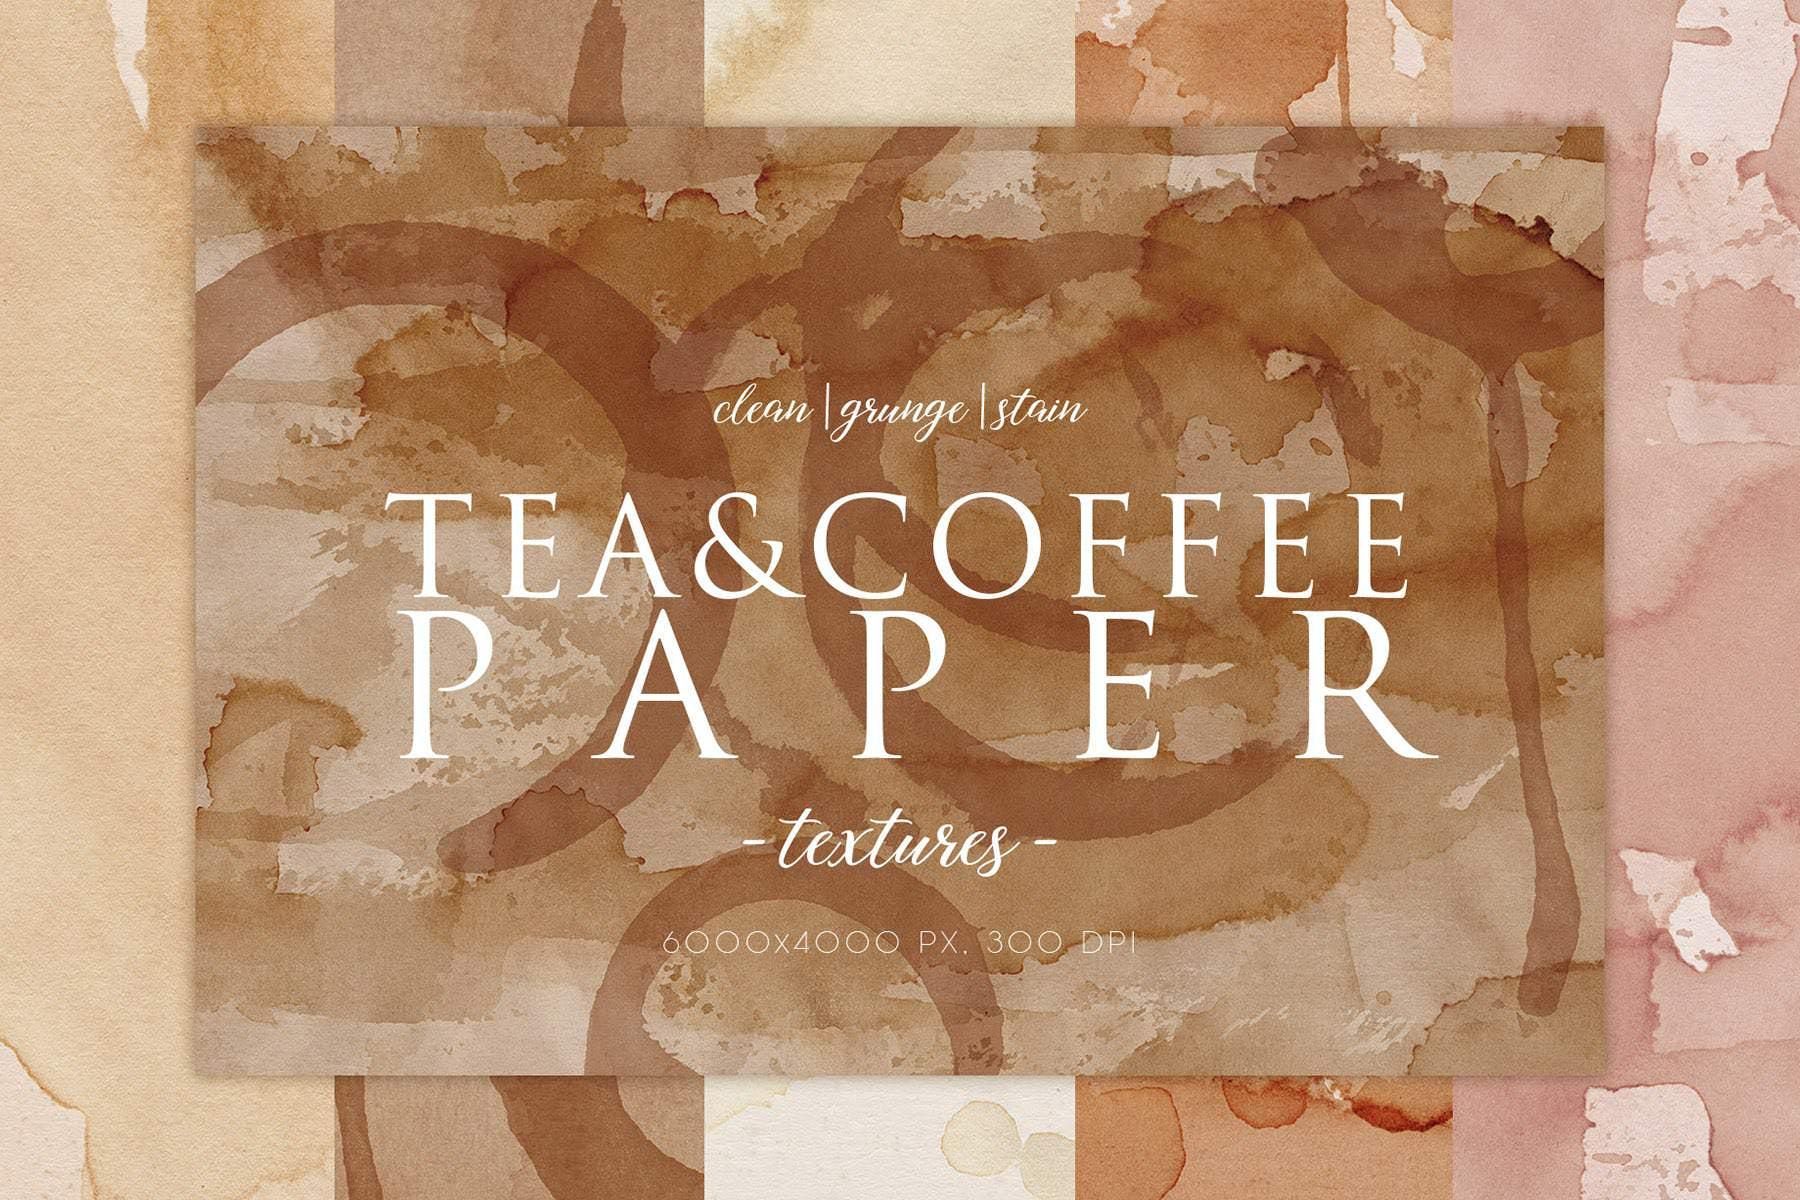 15种咖啡污渍纹理背景